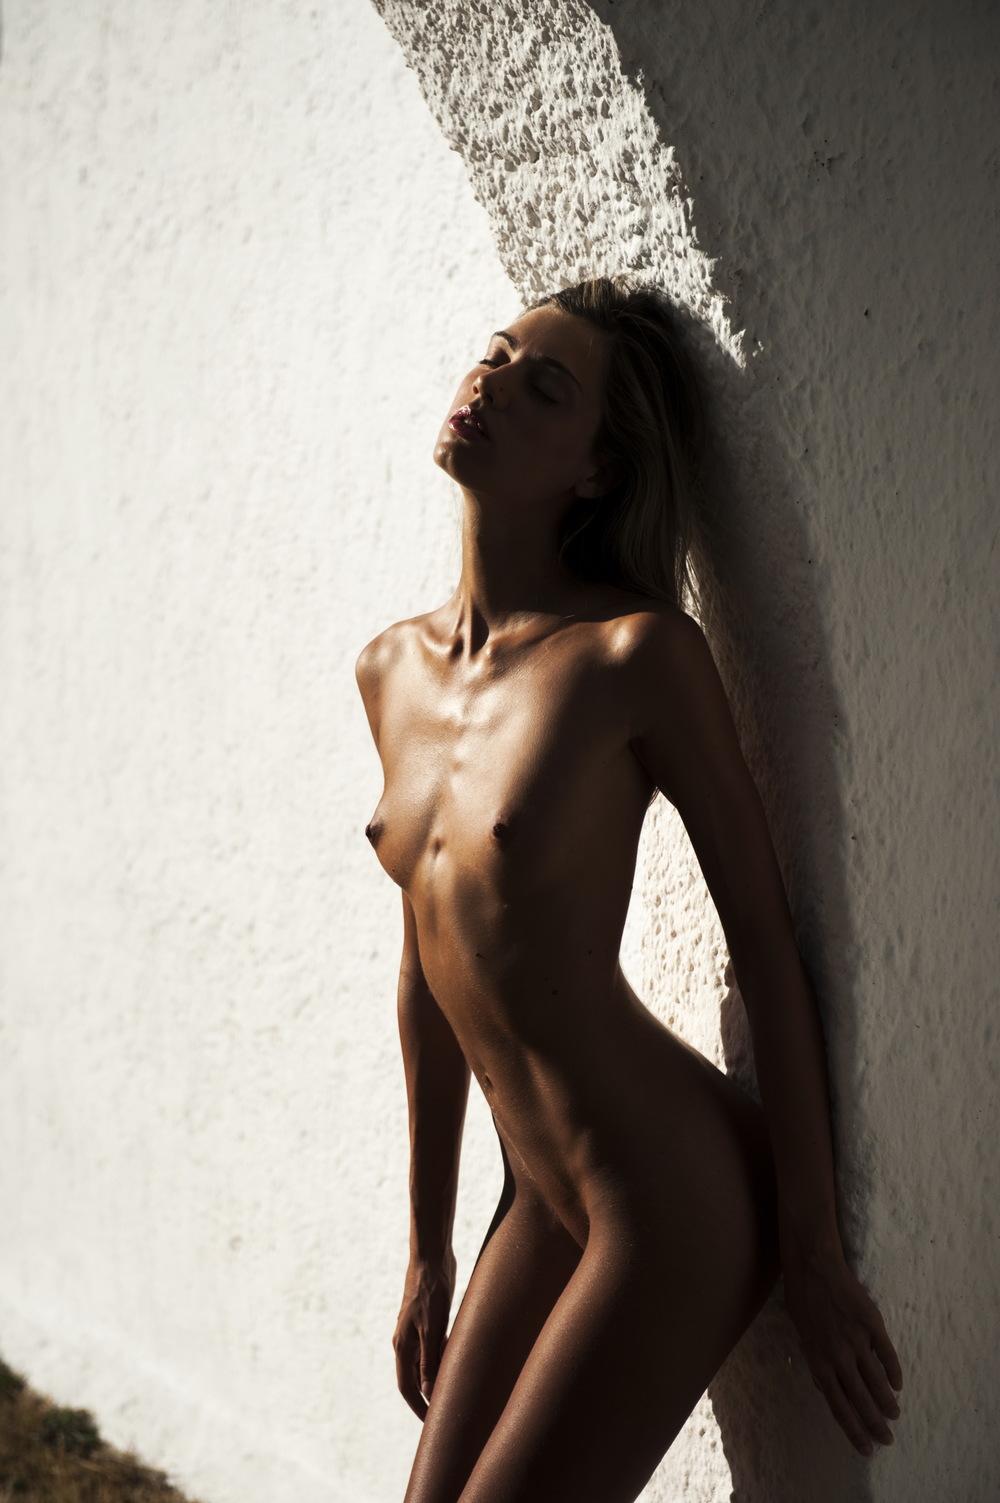 Model: Francy Torino